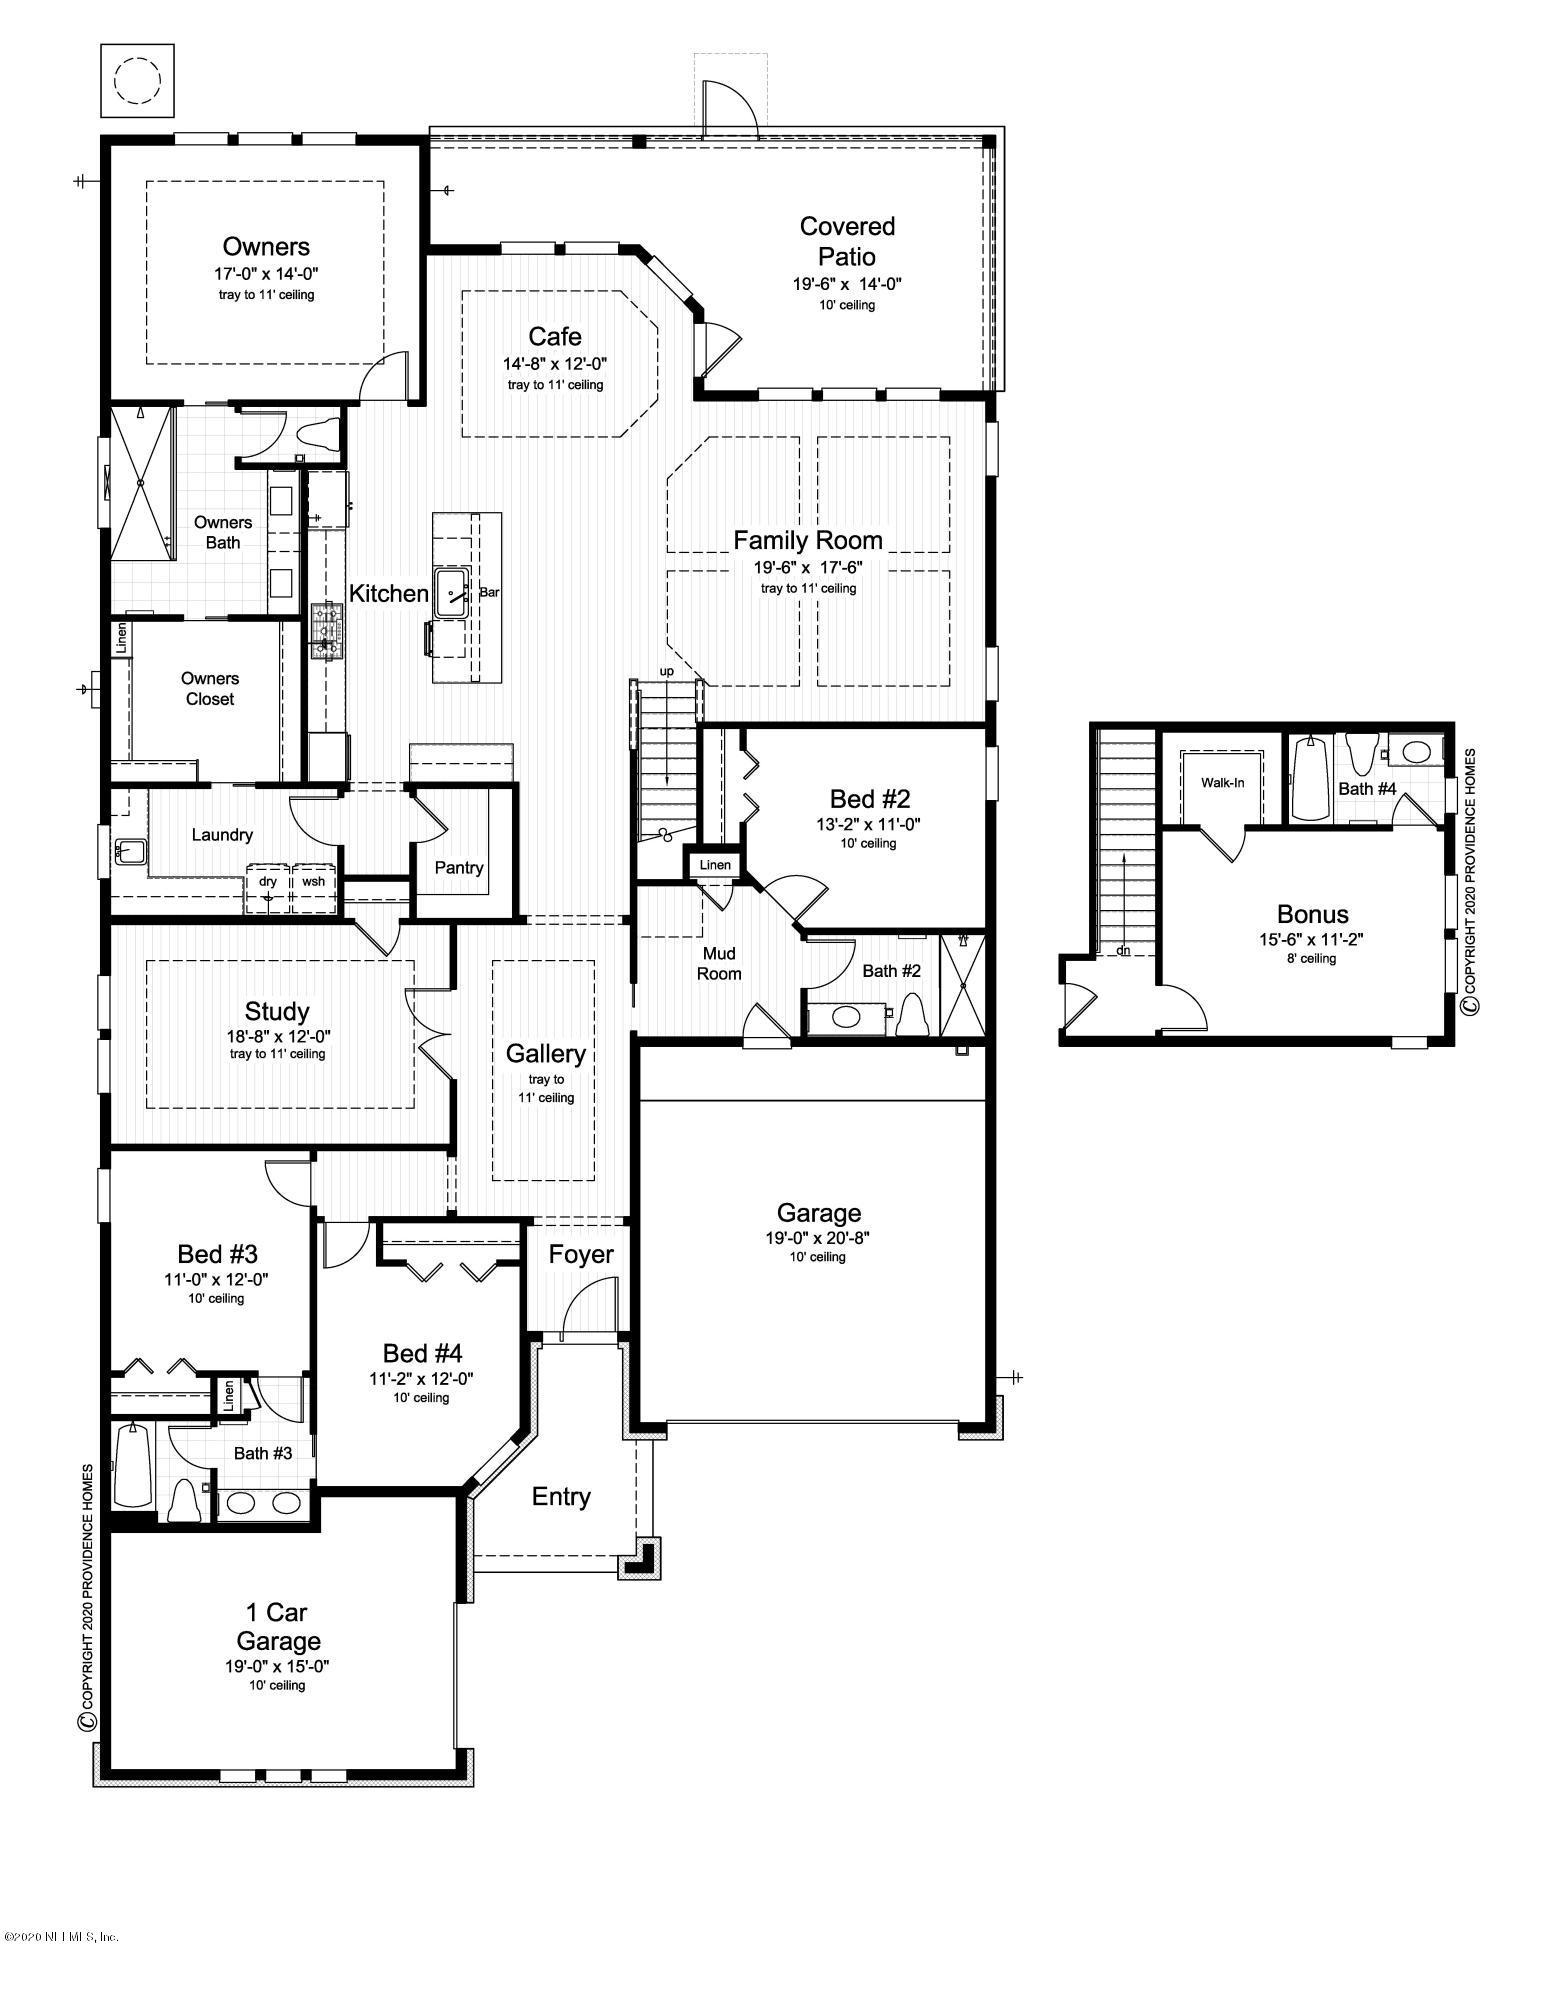 942 CROSSWATER LAKE, PONTE VEDRA, FLORIDA 32081, 5 Bedrooms Bedrooms, ,4 BathroomsBathrooms,Residential,For sale,CROSSWATER LAKE,1069913